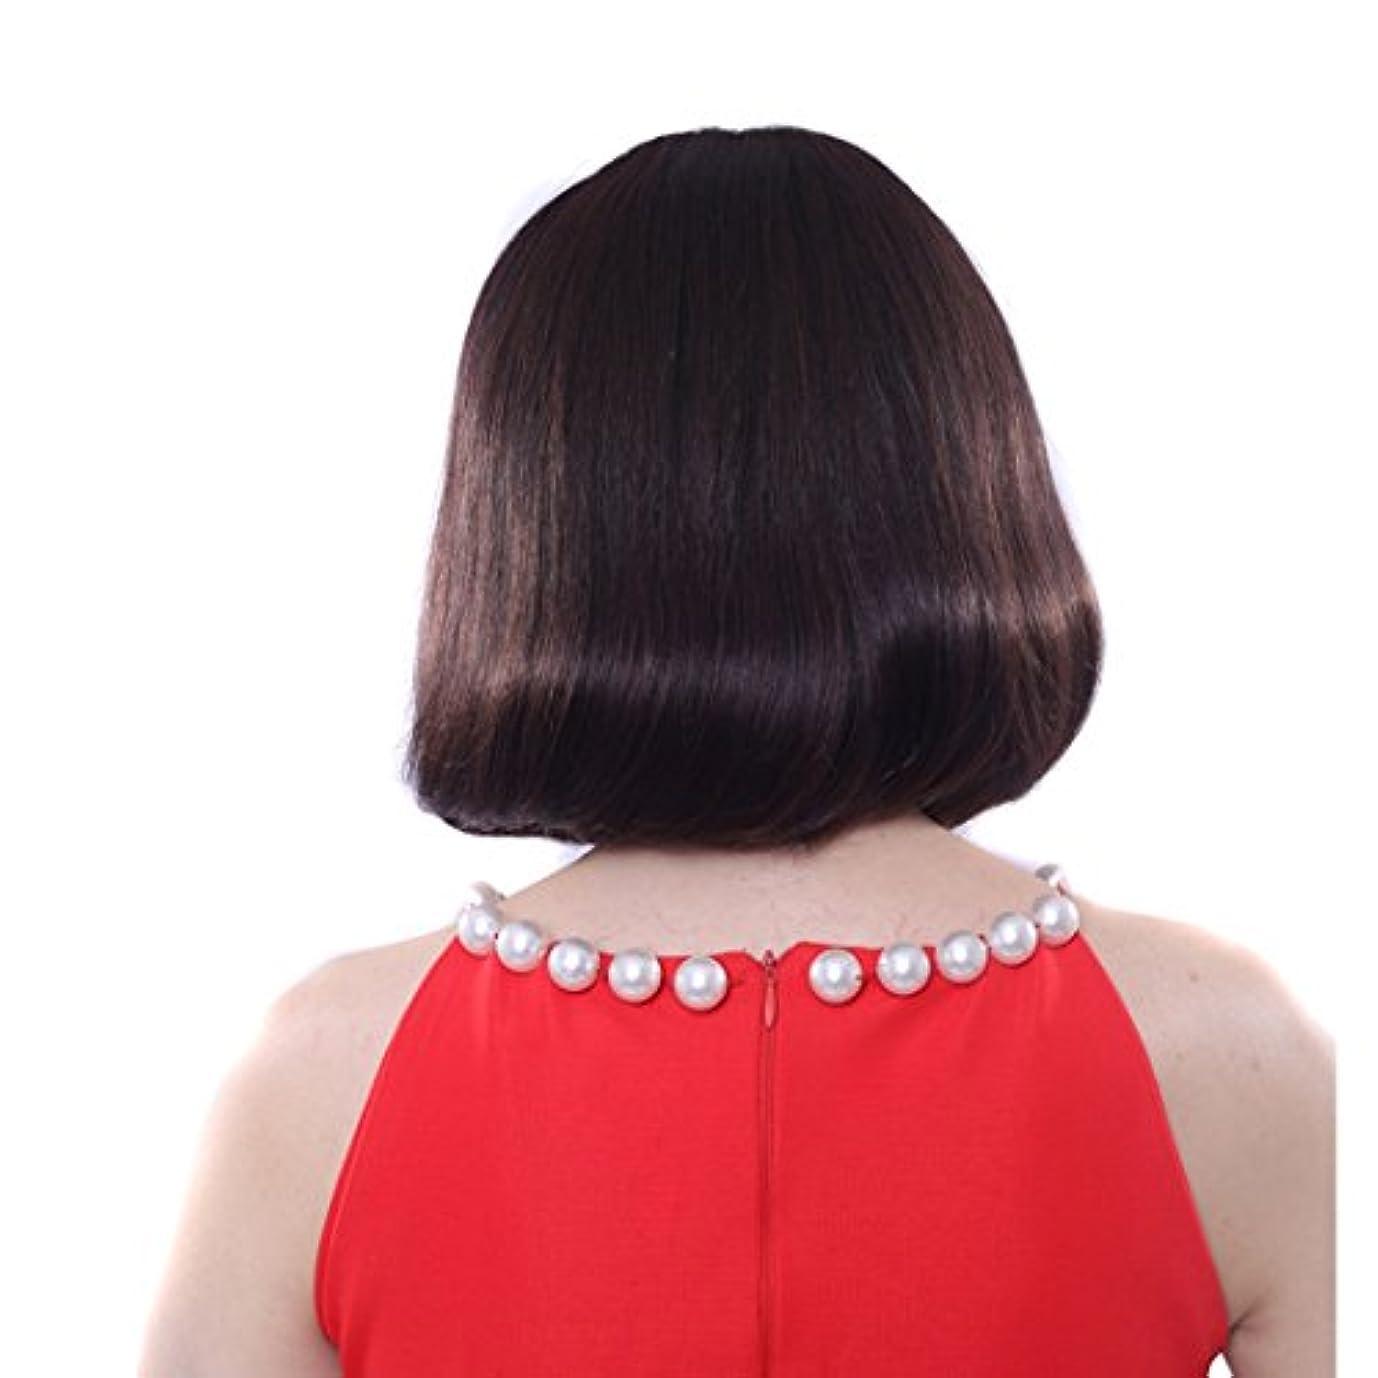 ブラシオートメーションアルファベットYOUQIU 現実的な人間の自然なかつらの内部梨髪シルクヘアボボヘッドウィッグカーリーフラット前髪ウィッグFuffyインナー梨髪の長さが26センチメートルウィッグ (色 : 黒)